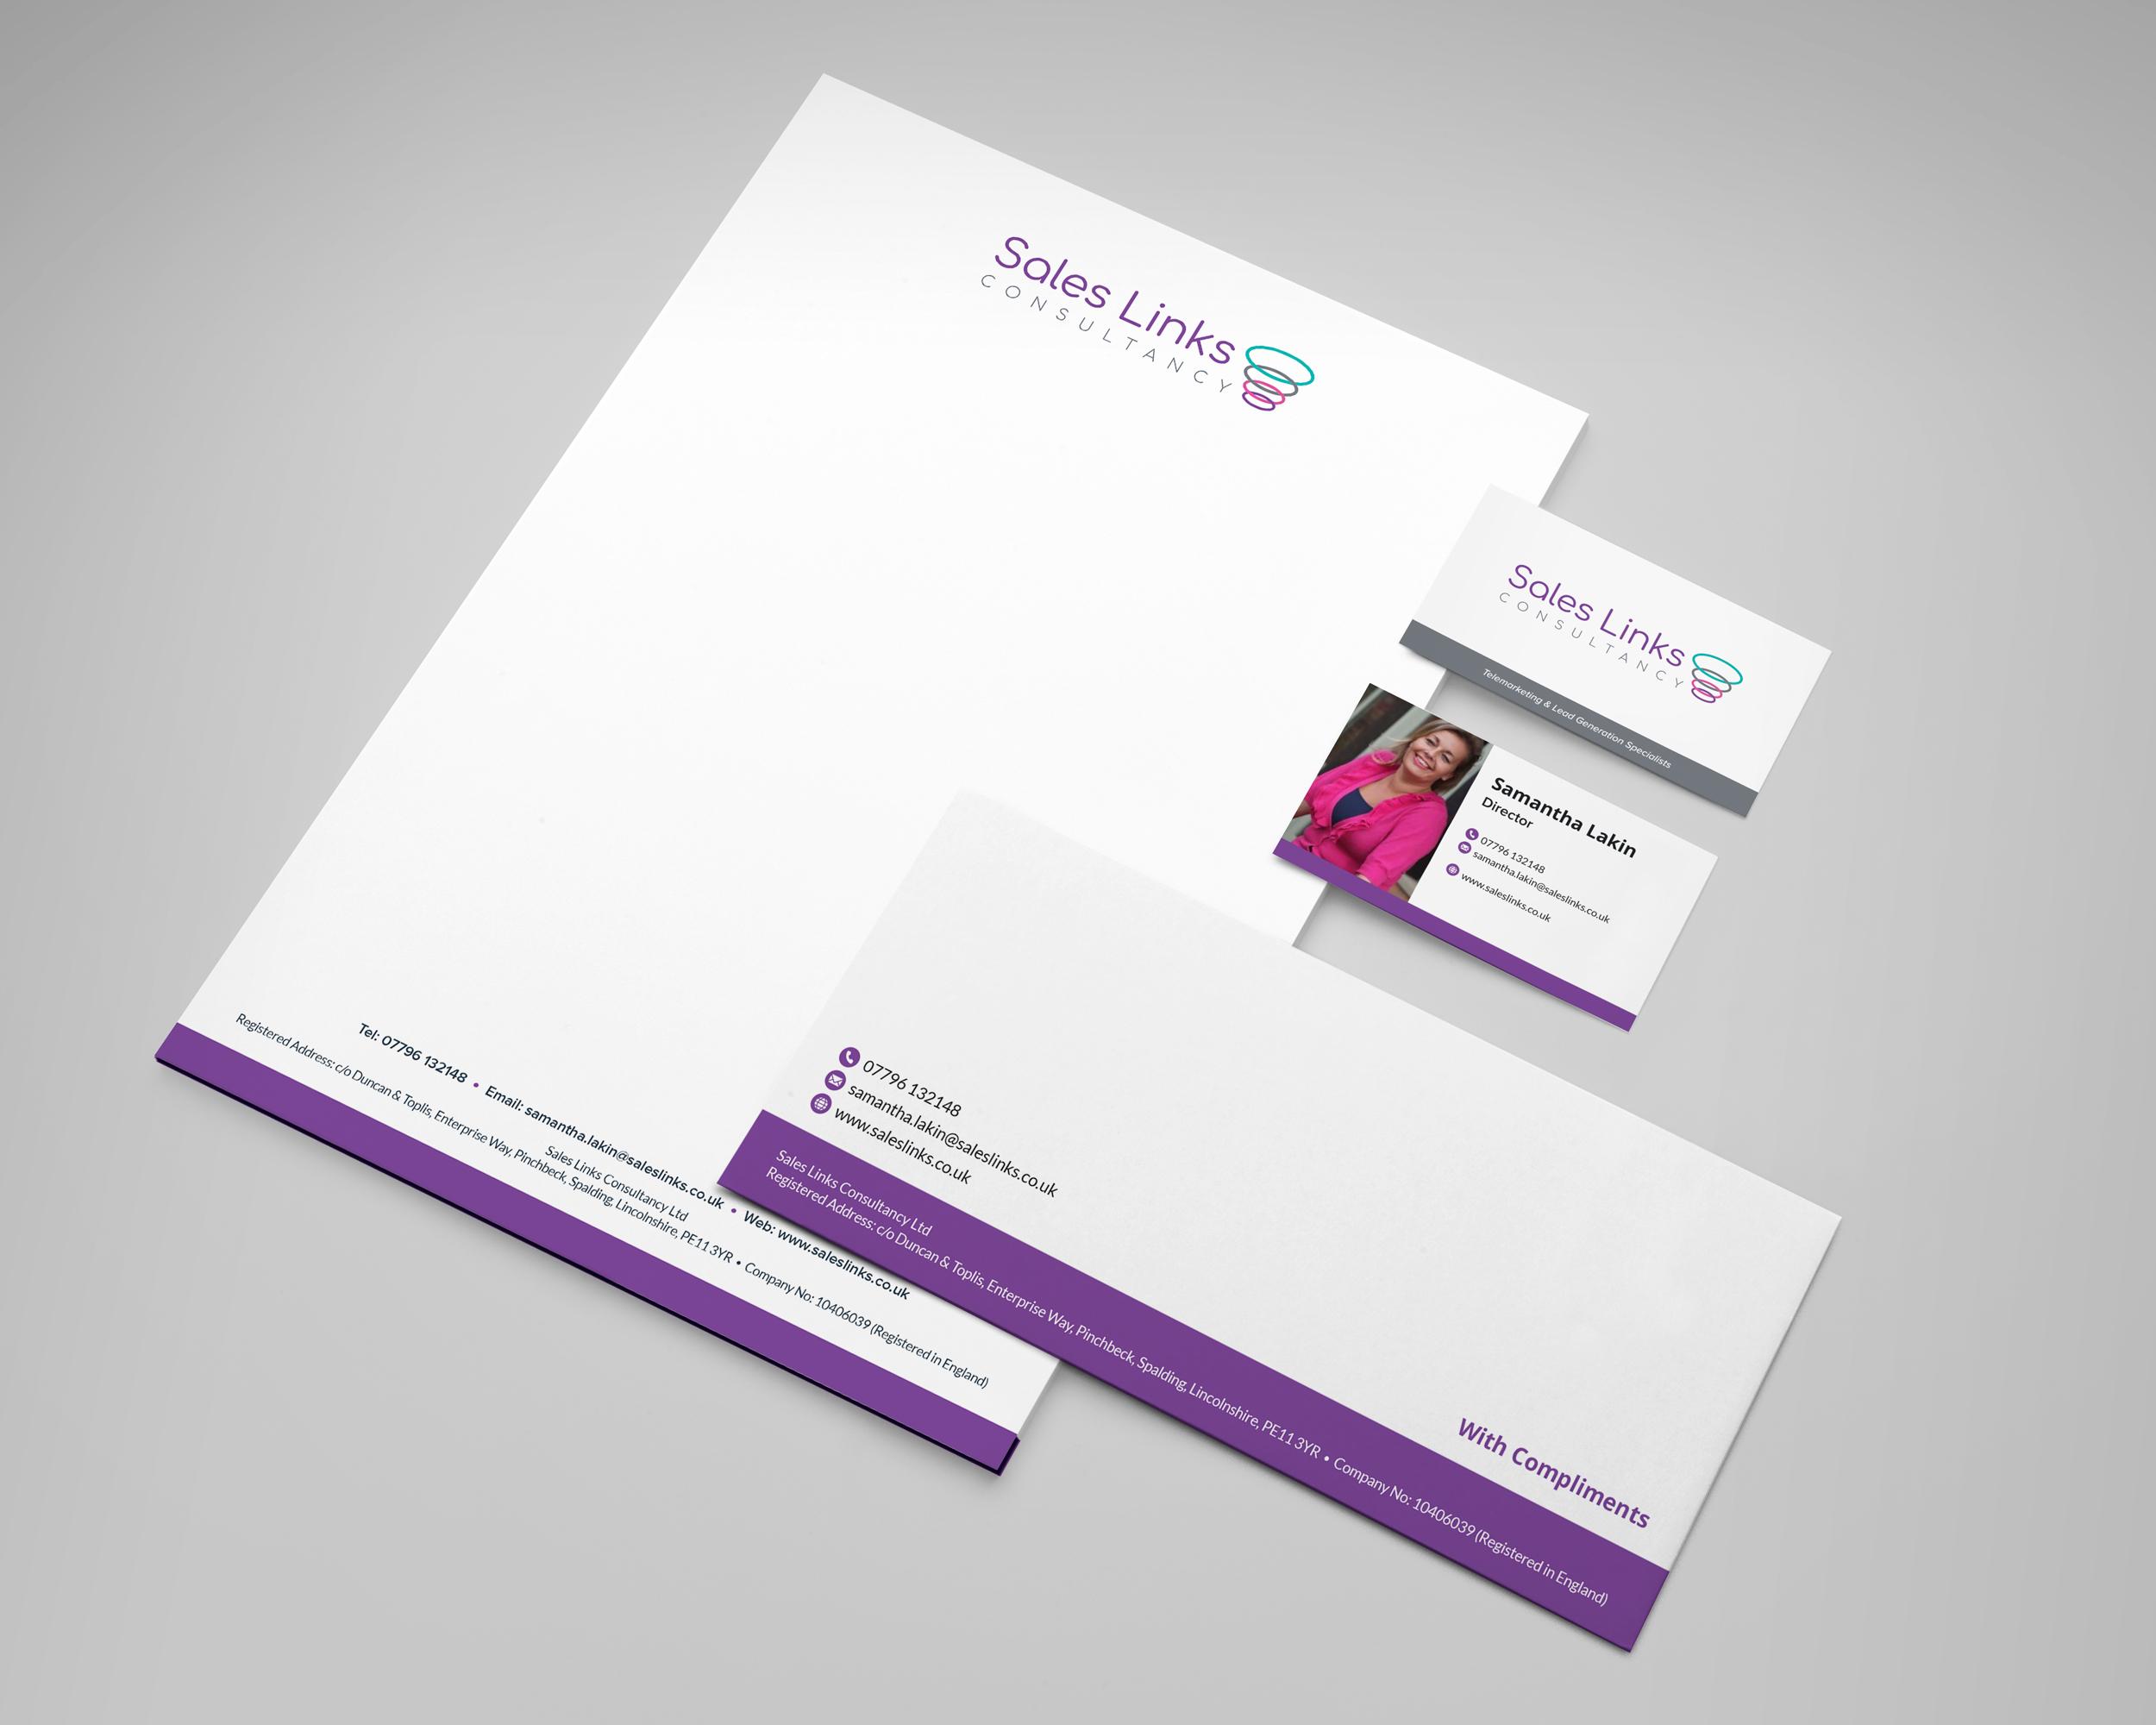 Sales Links Consultancy Branding Design